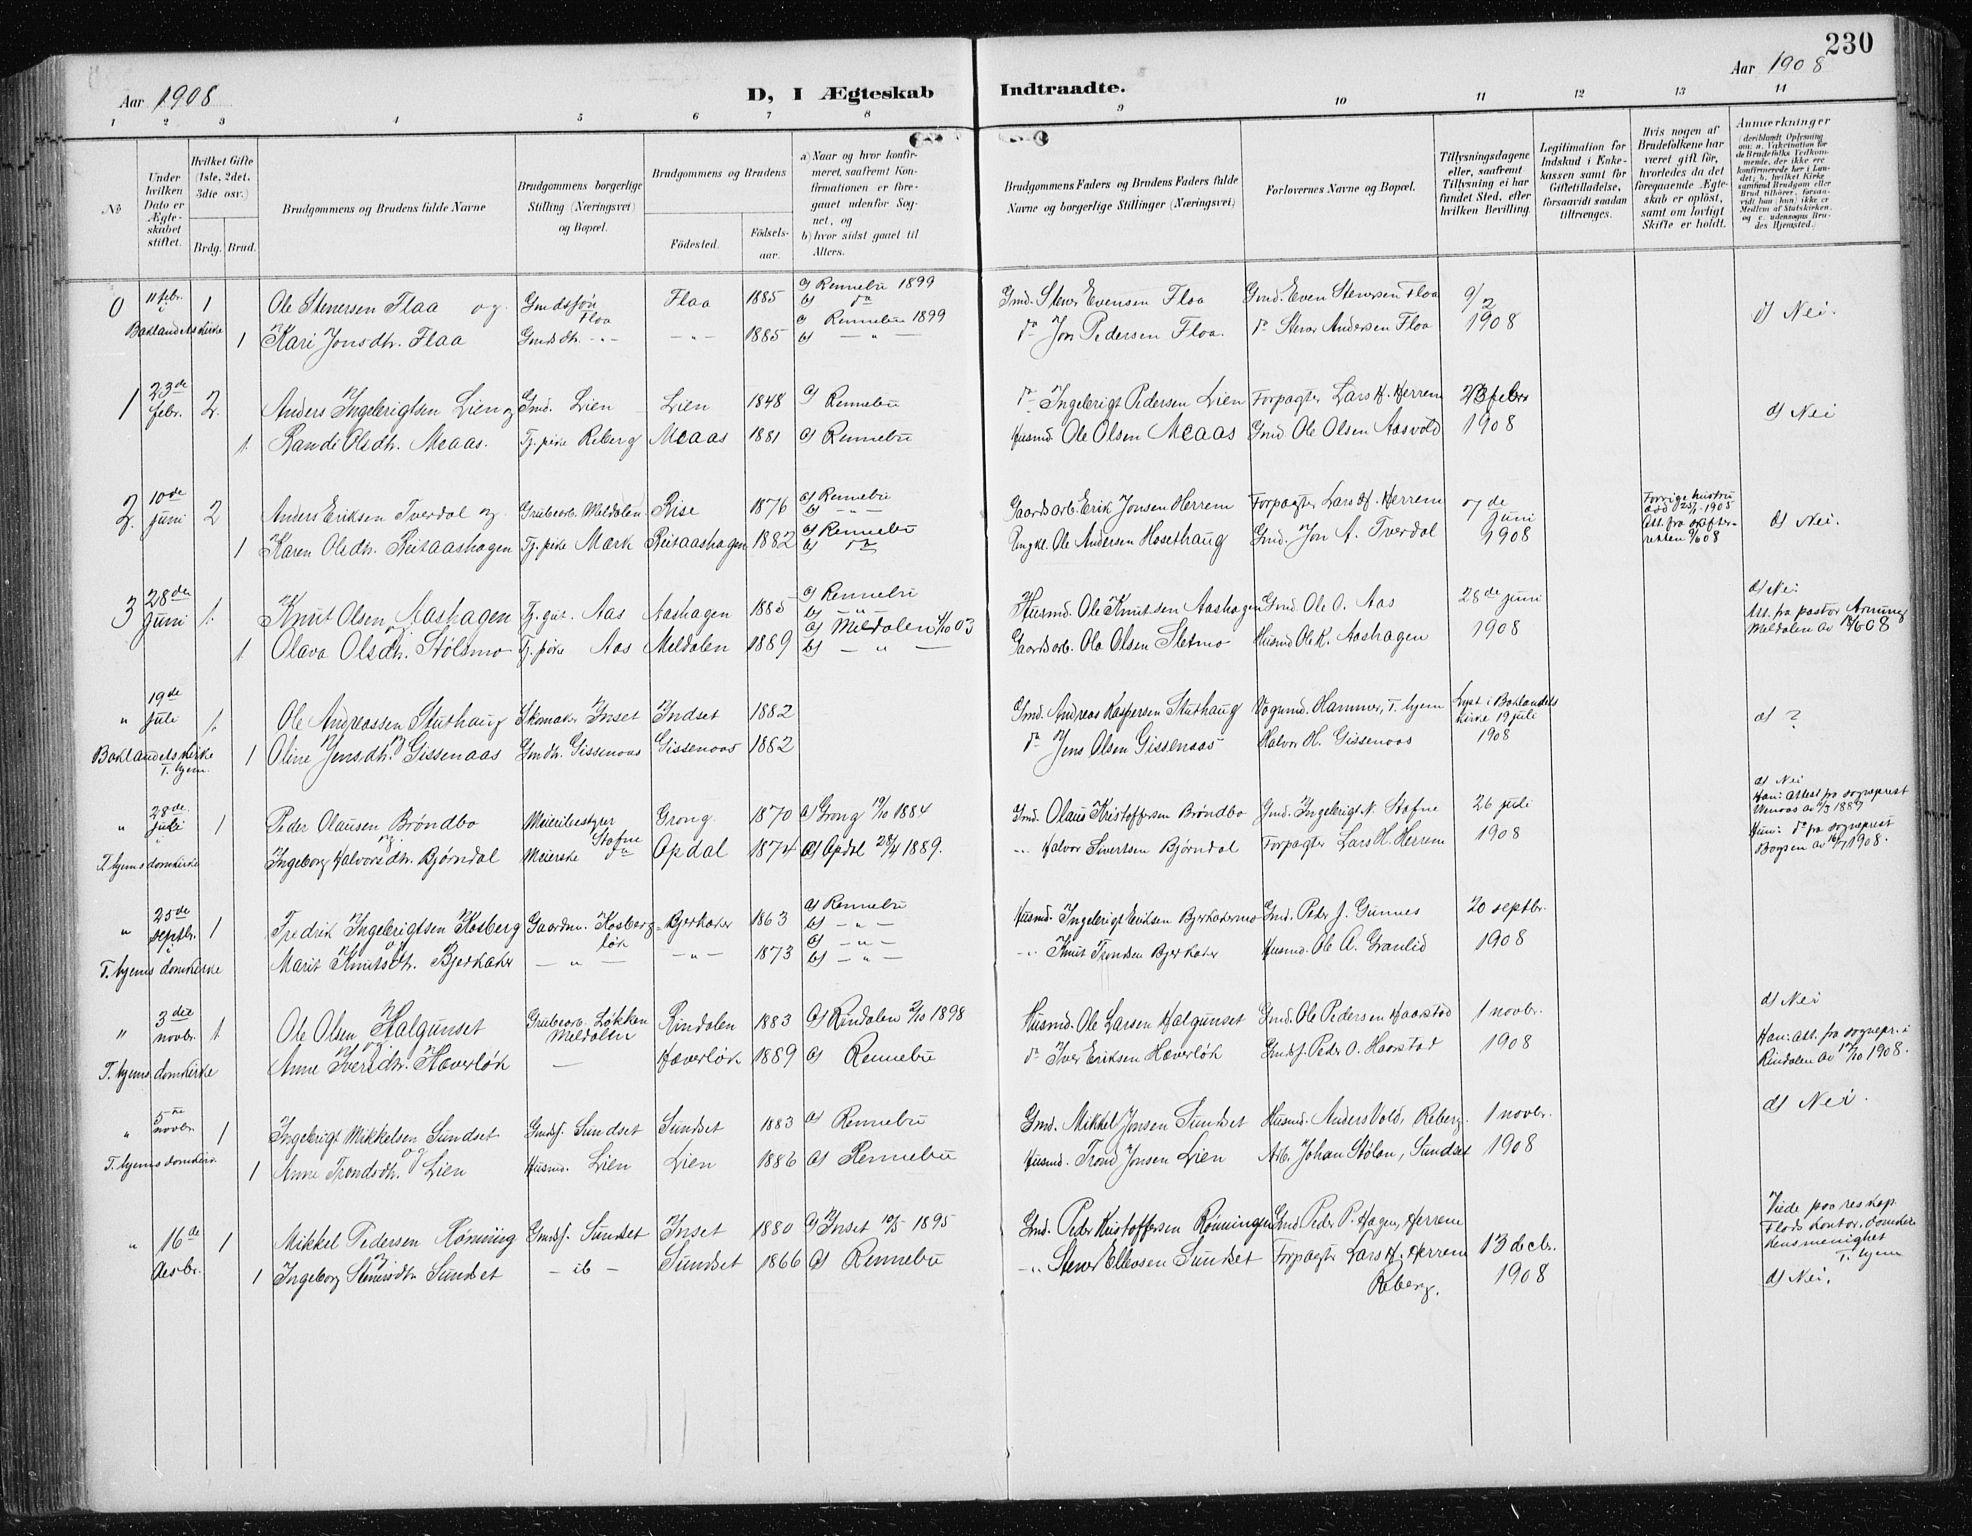 SAT, Ministerialprotokoller, klokkerbøker og fødselsregistre - Sør-Trøndelag, 674/L0876: Klokkerbok nr. 674C03, 1892-1912, s. 230